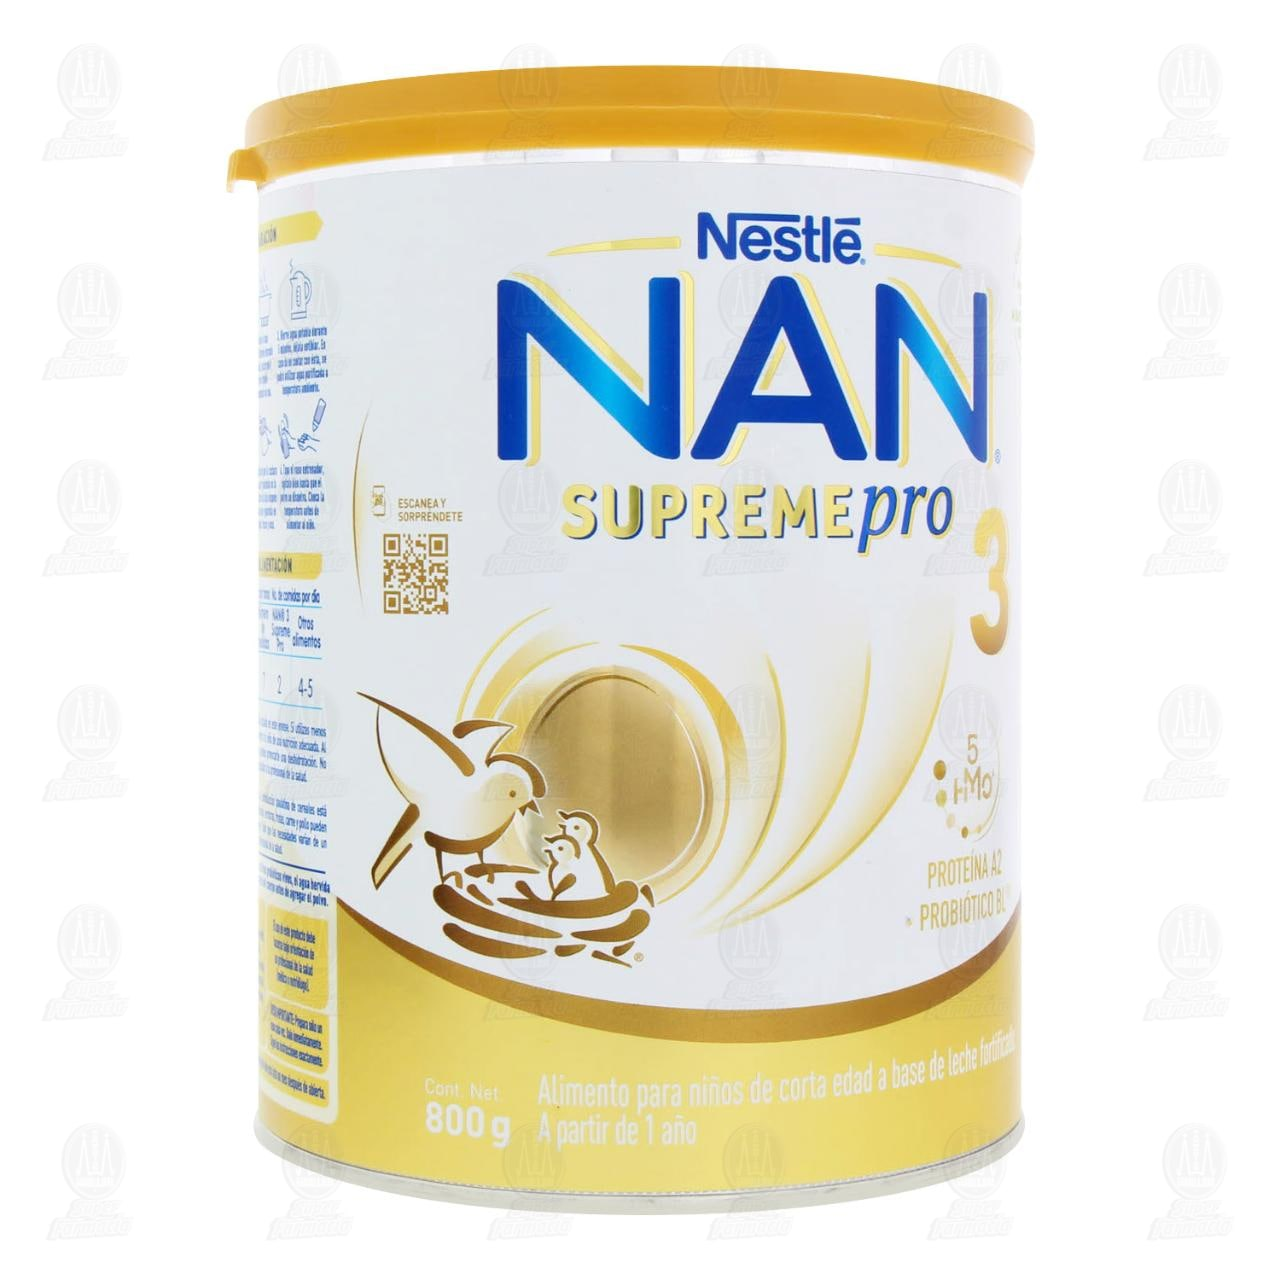 Comprar Fórmula Infantil Nestlé NAN 3 Supreme Pro (A Partir de 1 Año), 800 gr. en Farmacias Guadalajara